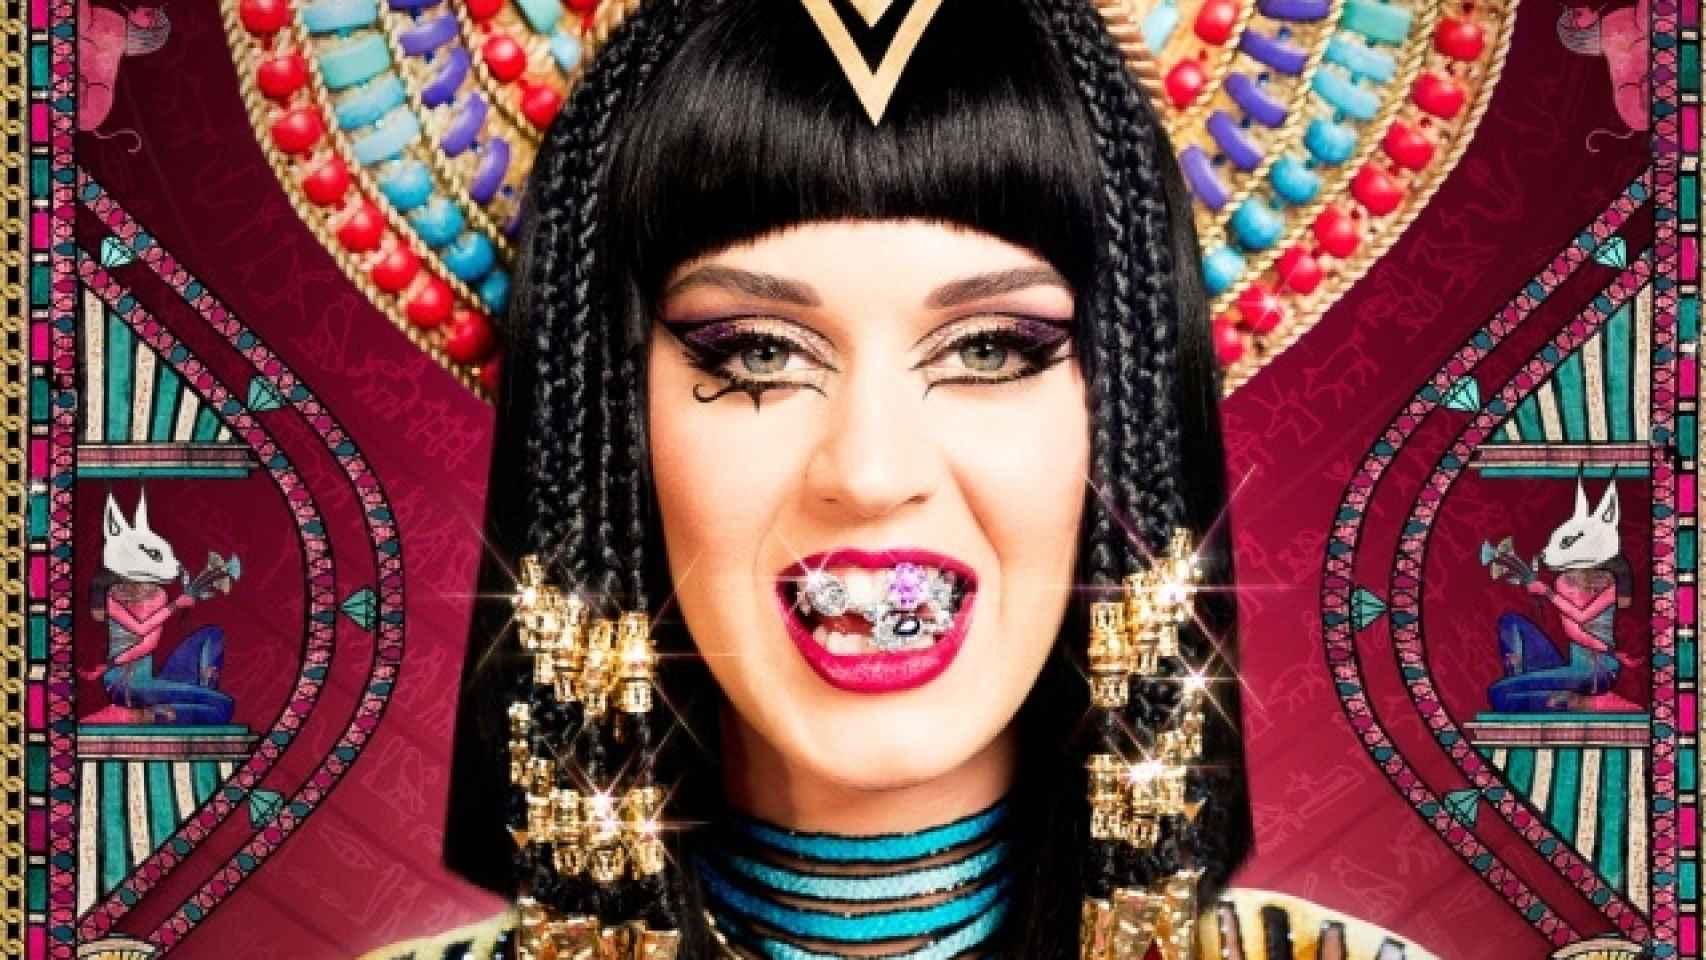 La cantante Katy Perry mostrando sus grills en el videoclip Dark Horse.